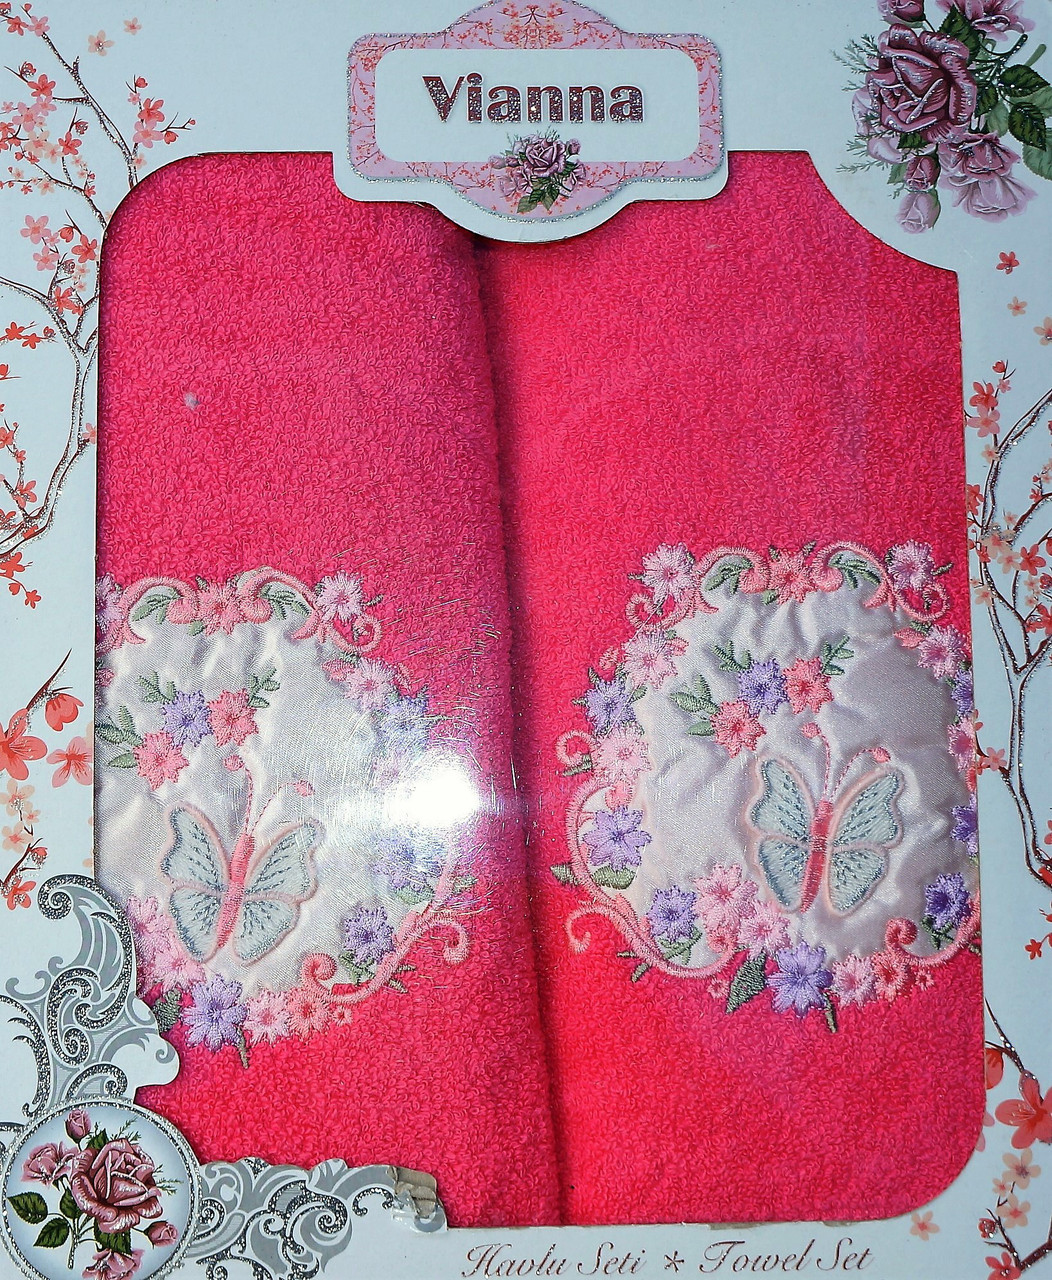 """Подарочный набор махровых полотенец 3D """"Бабочка"""" Vianna, Турция, малиновый цвет"""